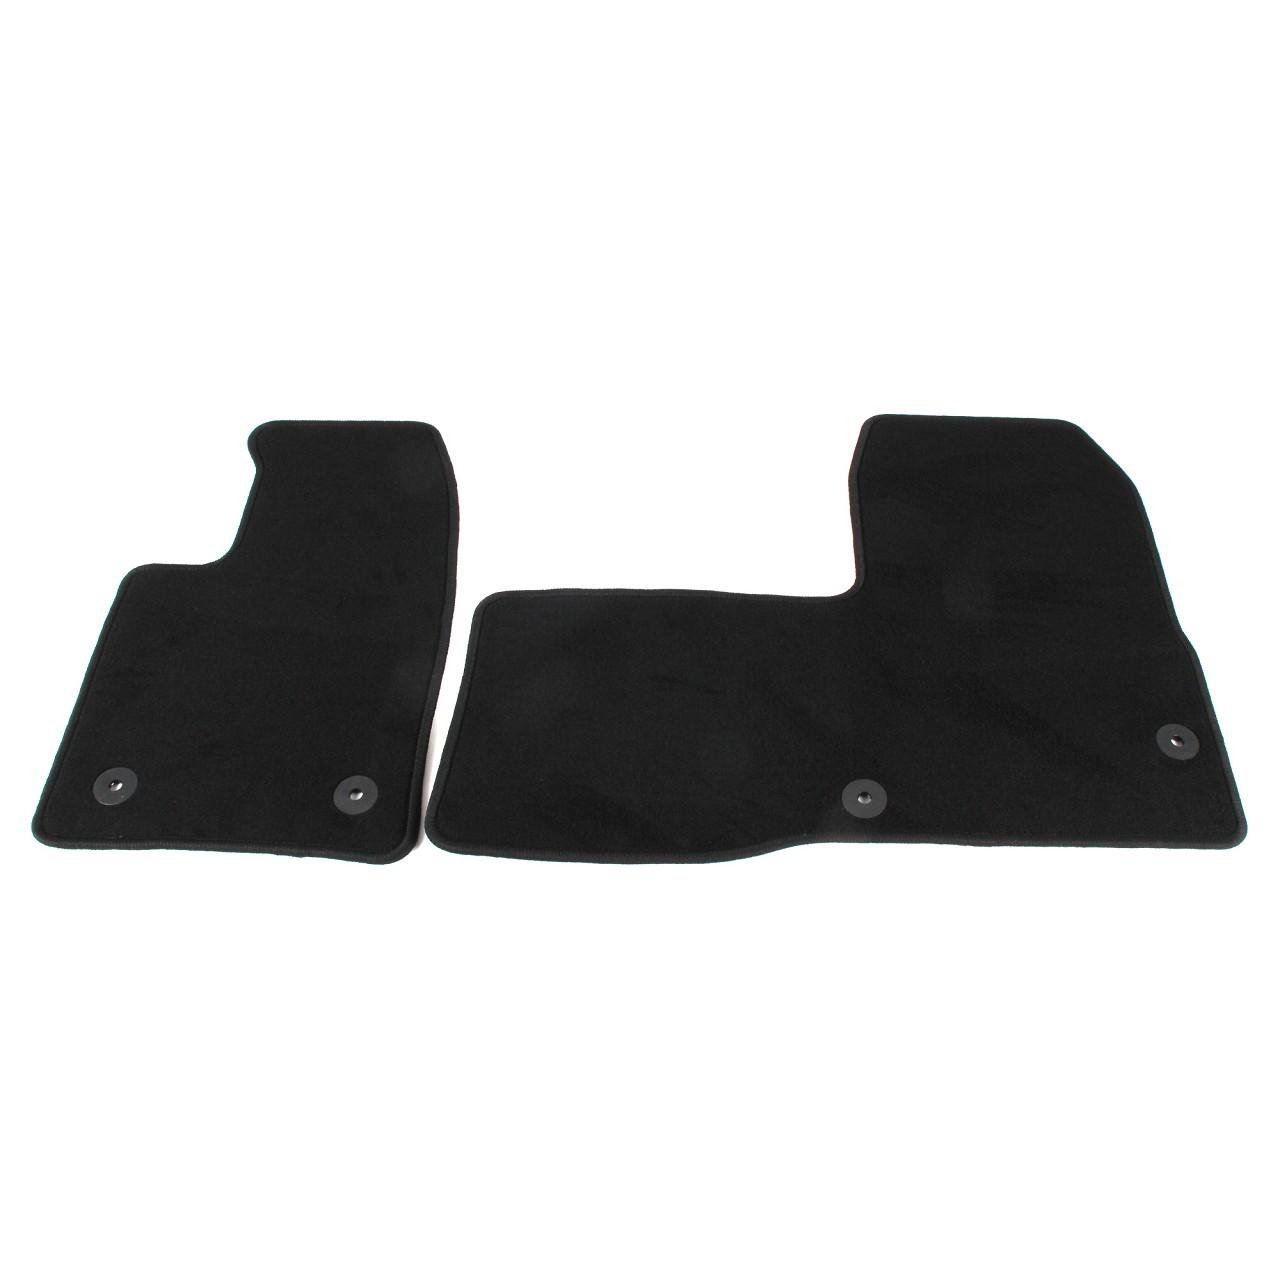 ORIGINAL Ford Textilmatten Fußmatten Satz TOURNEO / TRANSIT CUSTOM vorne 2124765